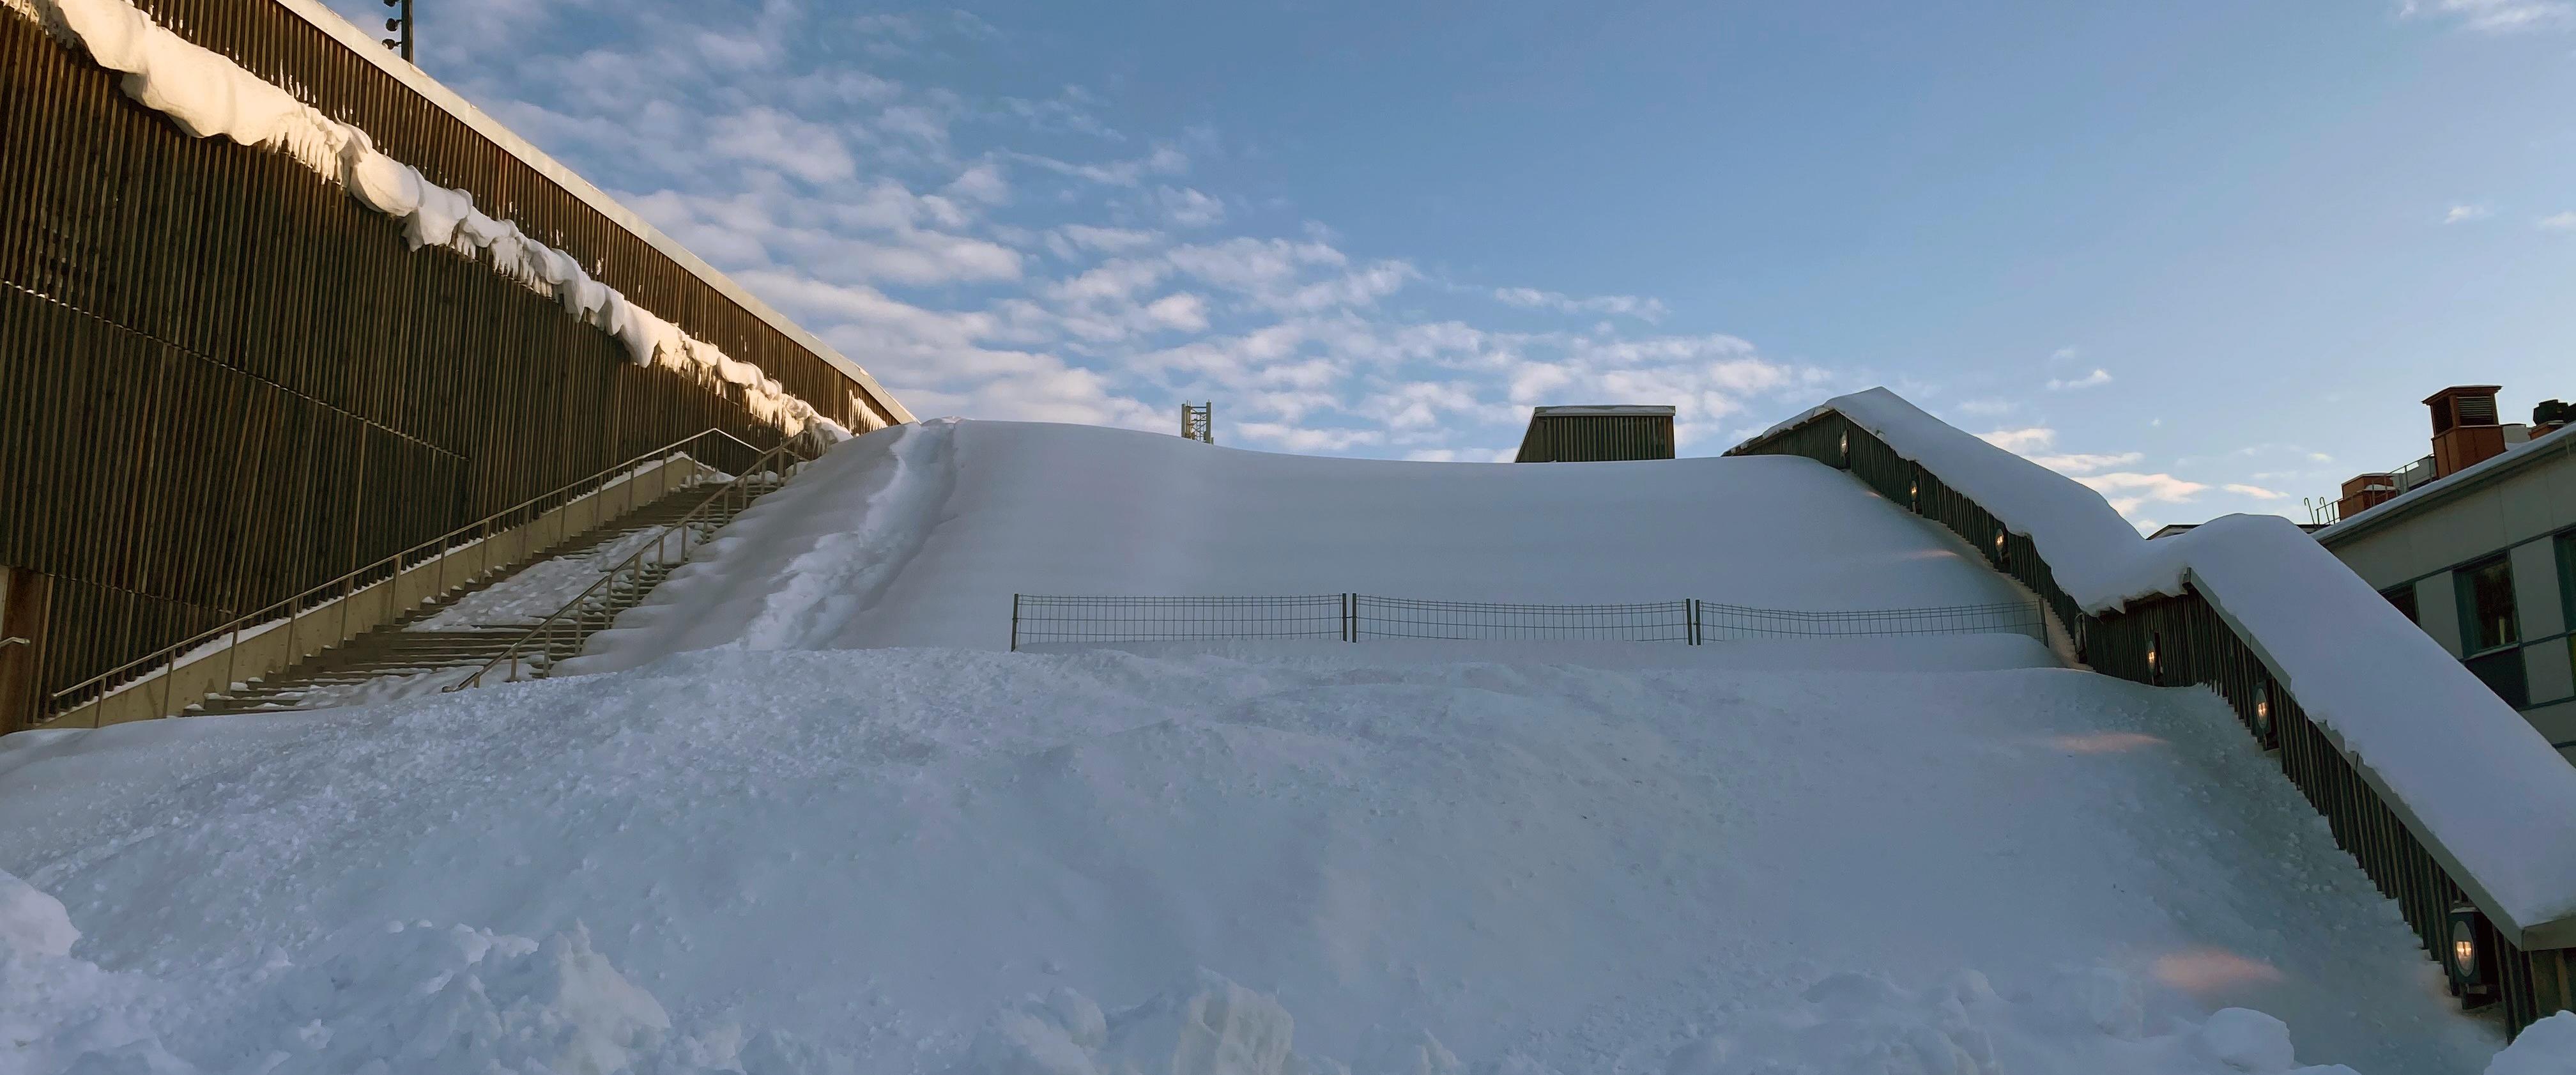 Pulkabacken mitt i Piteå